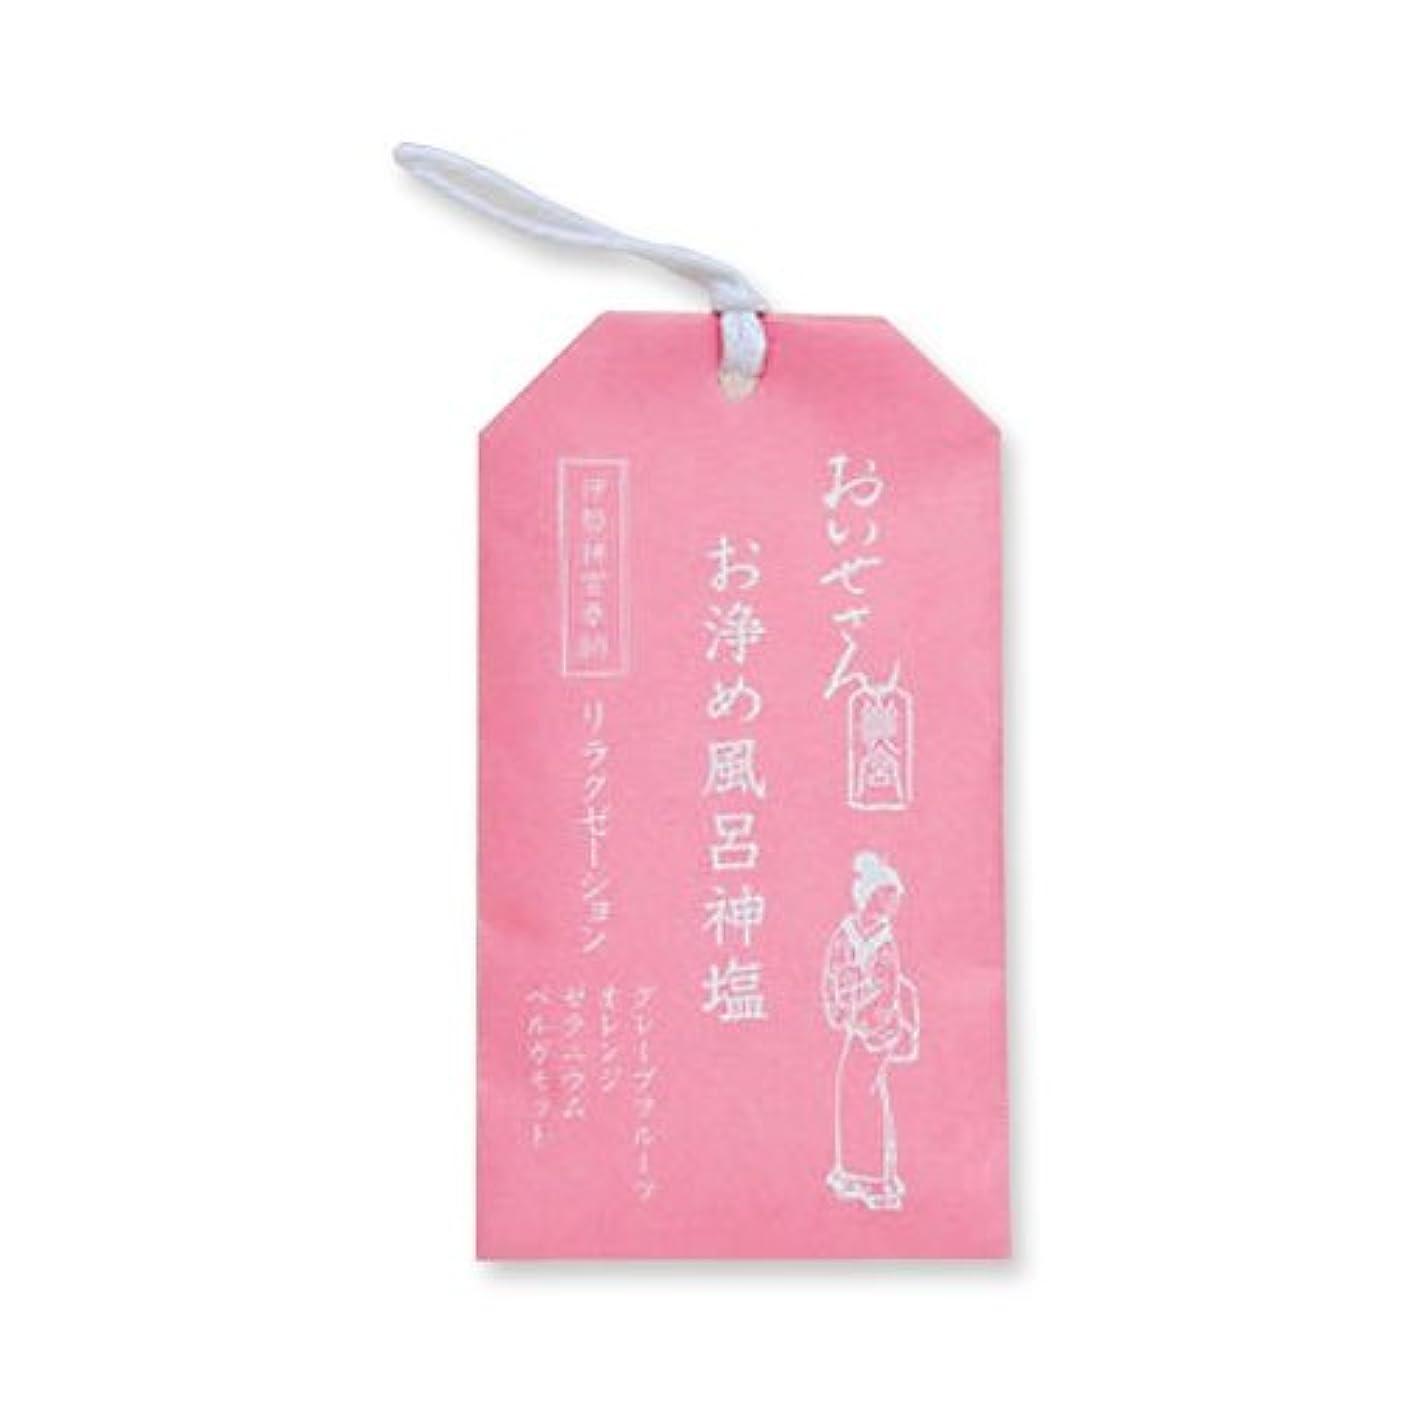 保全時間祝うおいせさん お浄め風呂神塩 バス用ソルト(リラクゼーション) 20g